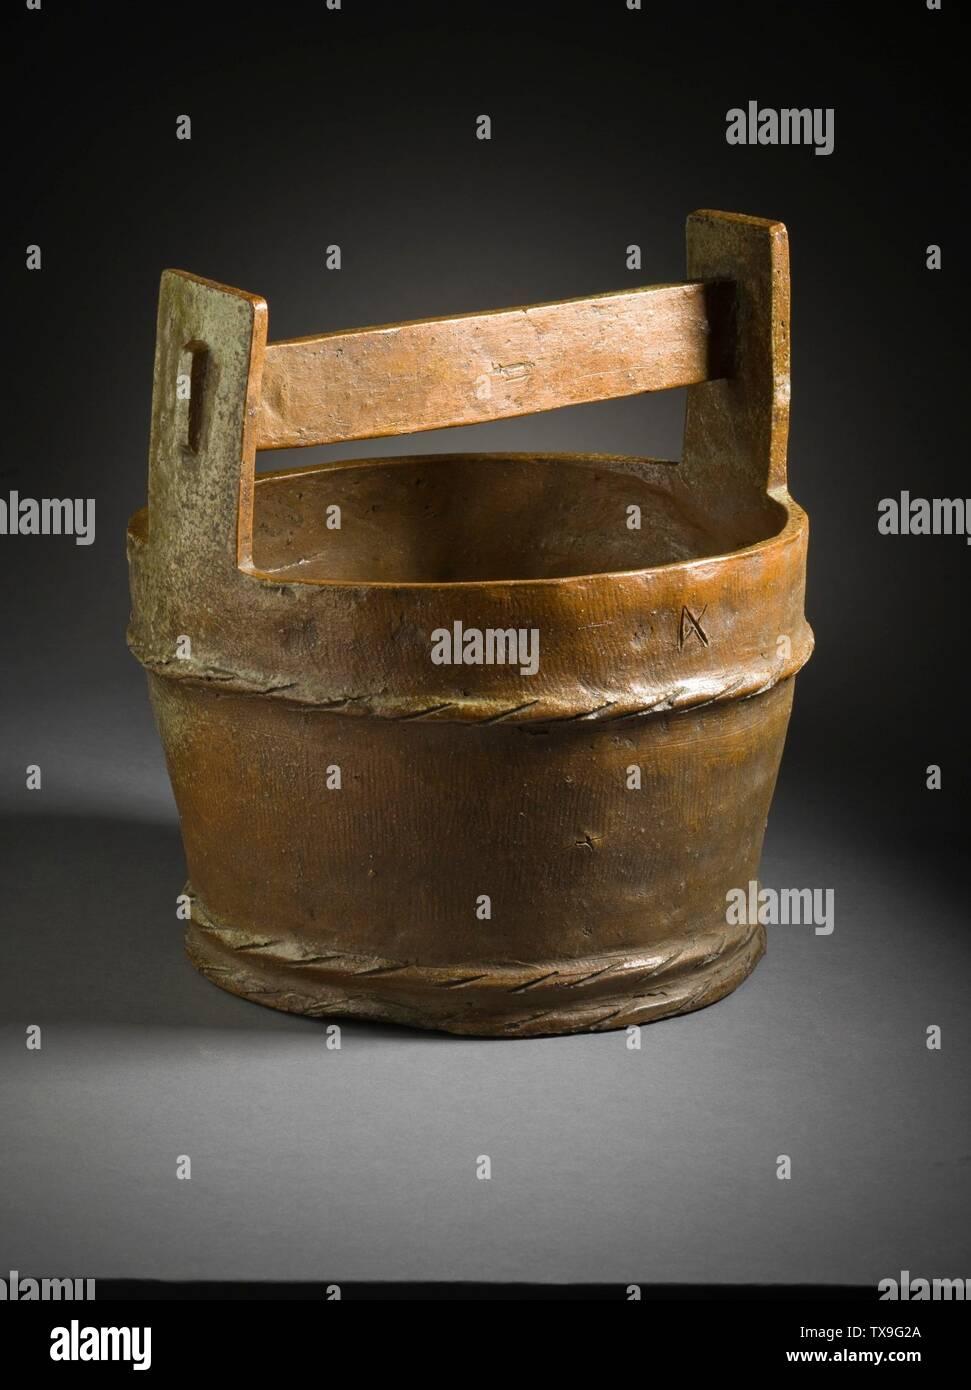 """'Mizusashi (recipiente de agua para la ceremonia del té) en forma de un cubo de madera (Imagen 1 de 7); en inglés: Japón, el período Momoyama, mobiliario 1573-1615; Serviceware Tamba ware; gres con barniz de ceniza natural a-b) de la tapa de dos piezas: 9 1/2 x 4 1/2 x 3/8 in. (24,13 x 11,43 x 0,95 cm) cada uno; c) contenedor: 10 3/4 x 10 1/4"""" x 9 1/4"""". (32,95 x 26.04 x 24.45 cm) de Regalo de David y Margaret Barry M.2009.16(a-c) arte japonés actualmente en vista pública: Pabellón de arte Japonés, piso 3; entre 1573 y 1615 fecha QS:P571,+1500-00-00T00:00:00Z/6,P1319,+1573-00-00T00:00:00Z/9,P1326,+1615-00-00T00:00:00Z/9; ' Imagen De Stock"""